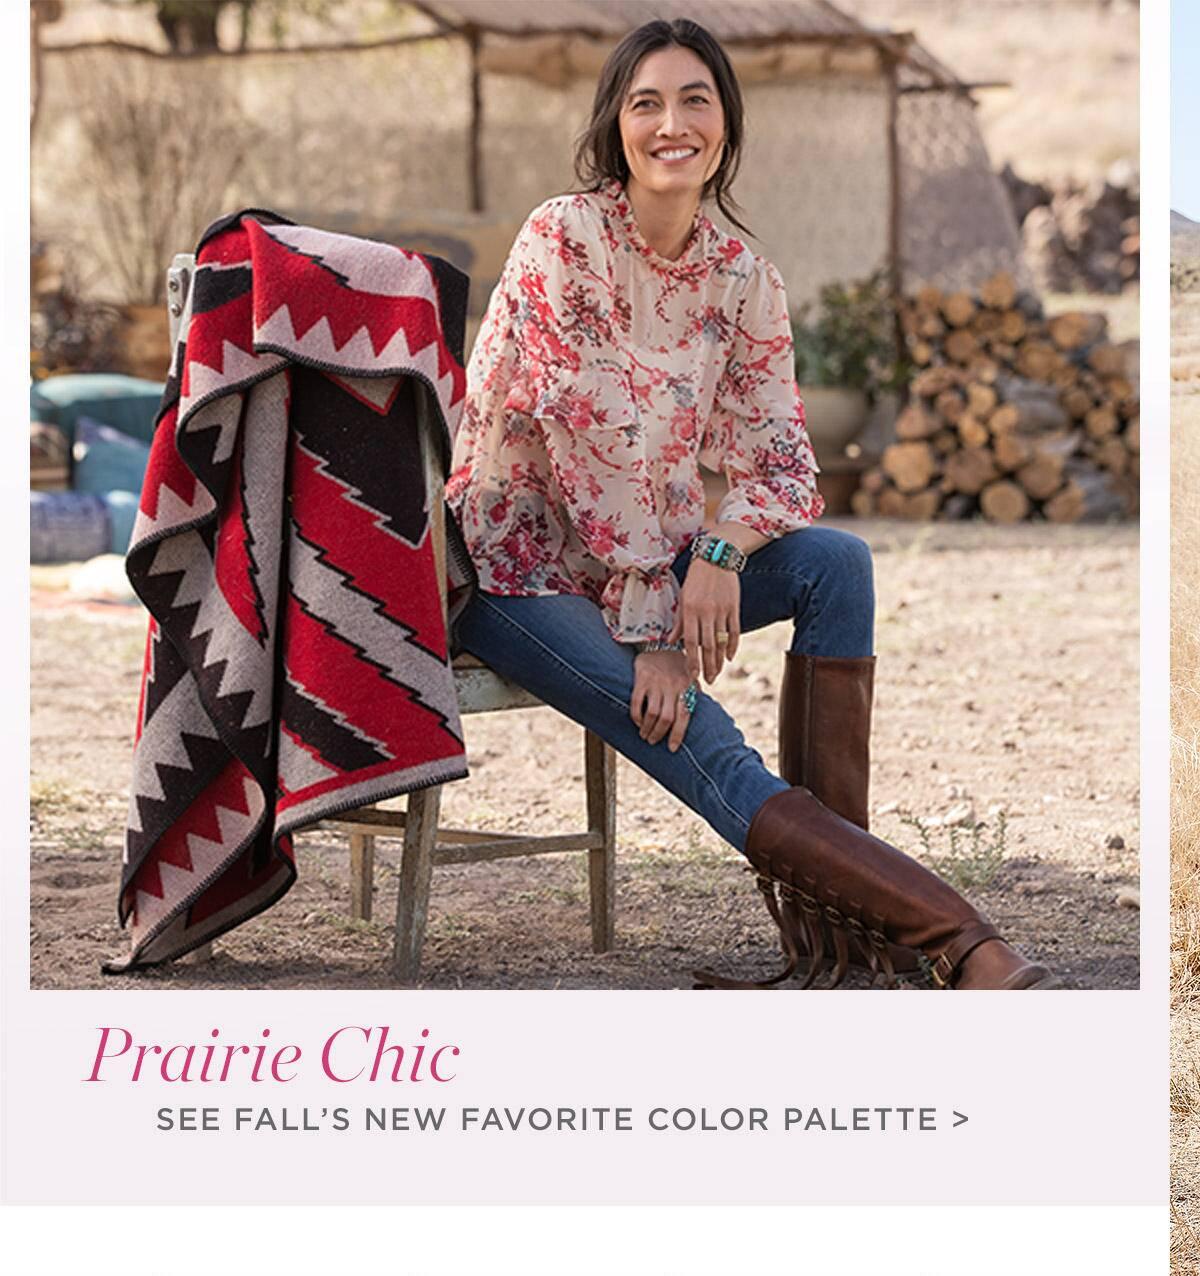 Prairie Chic